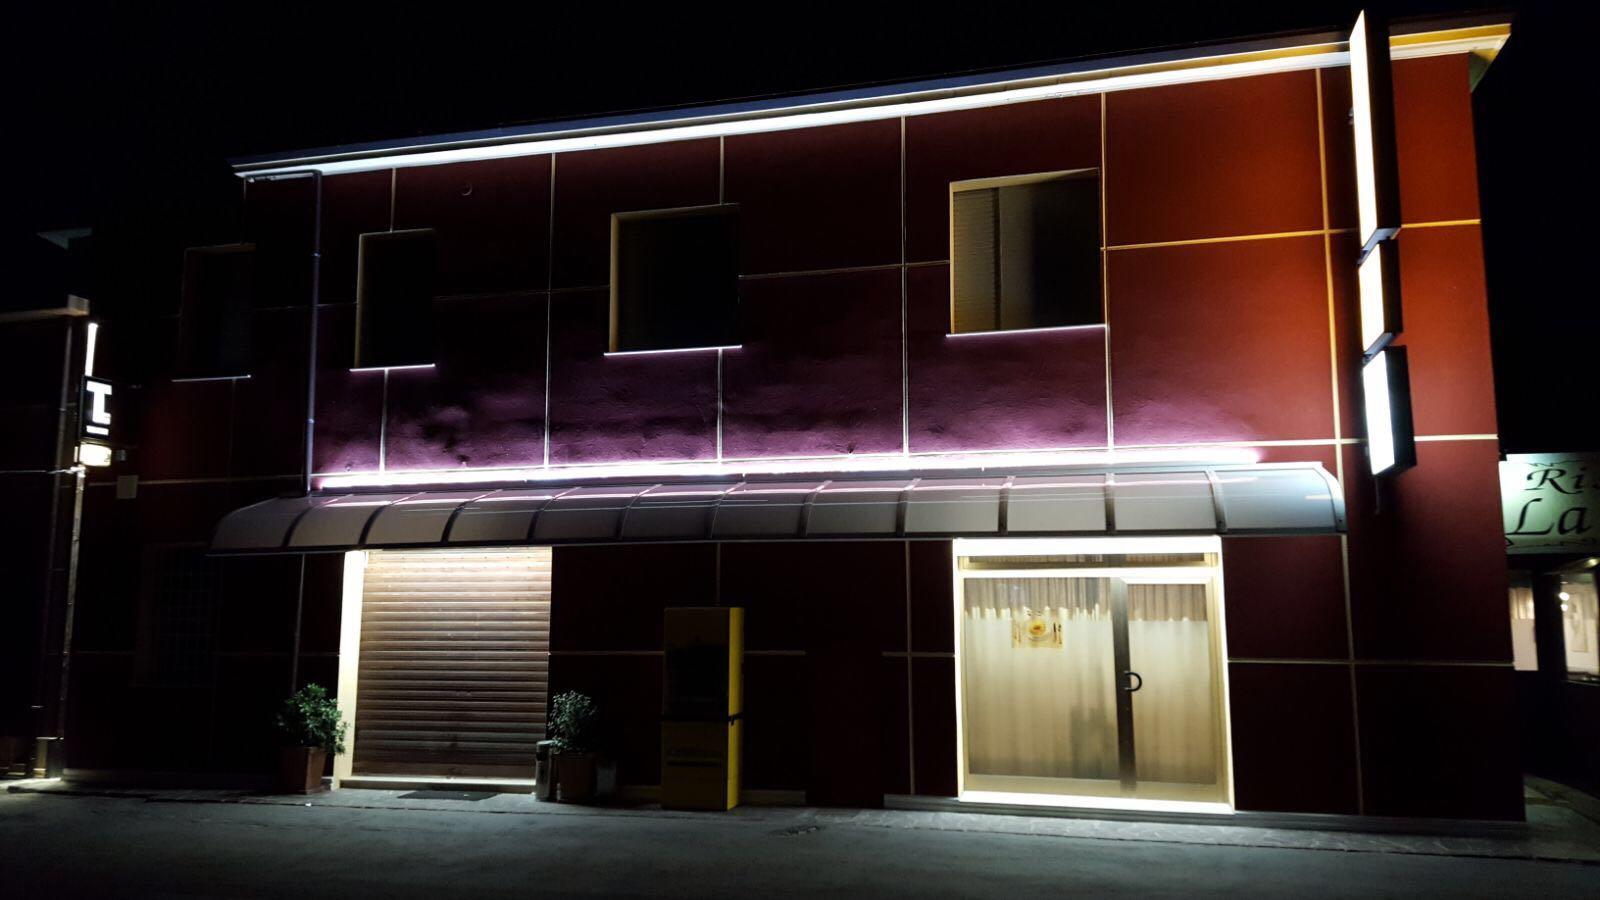 Illuminazione esterni barre led per illuminazione esterno